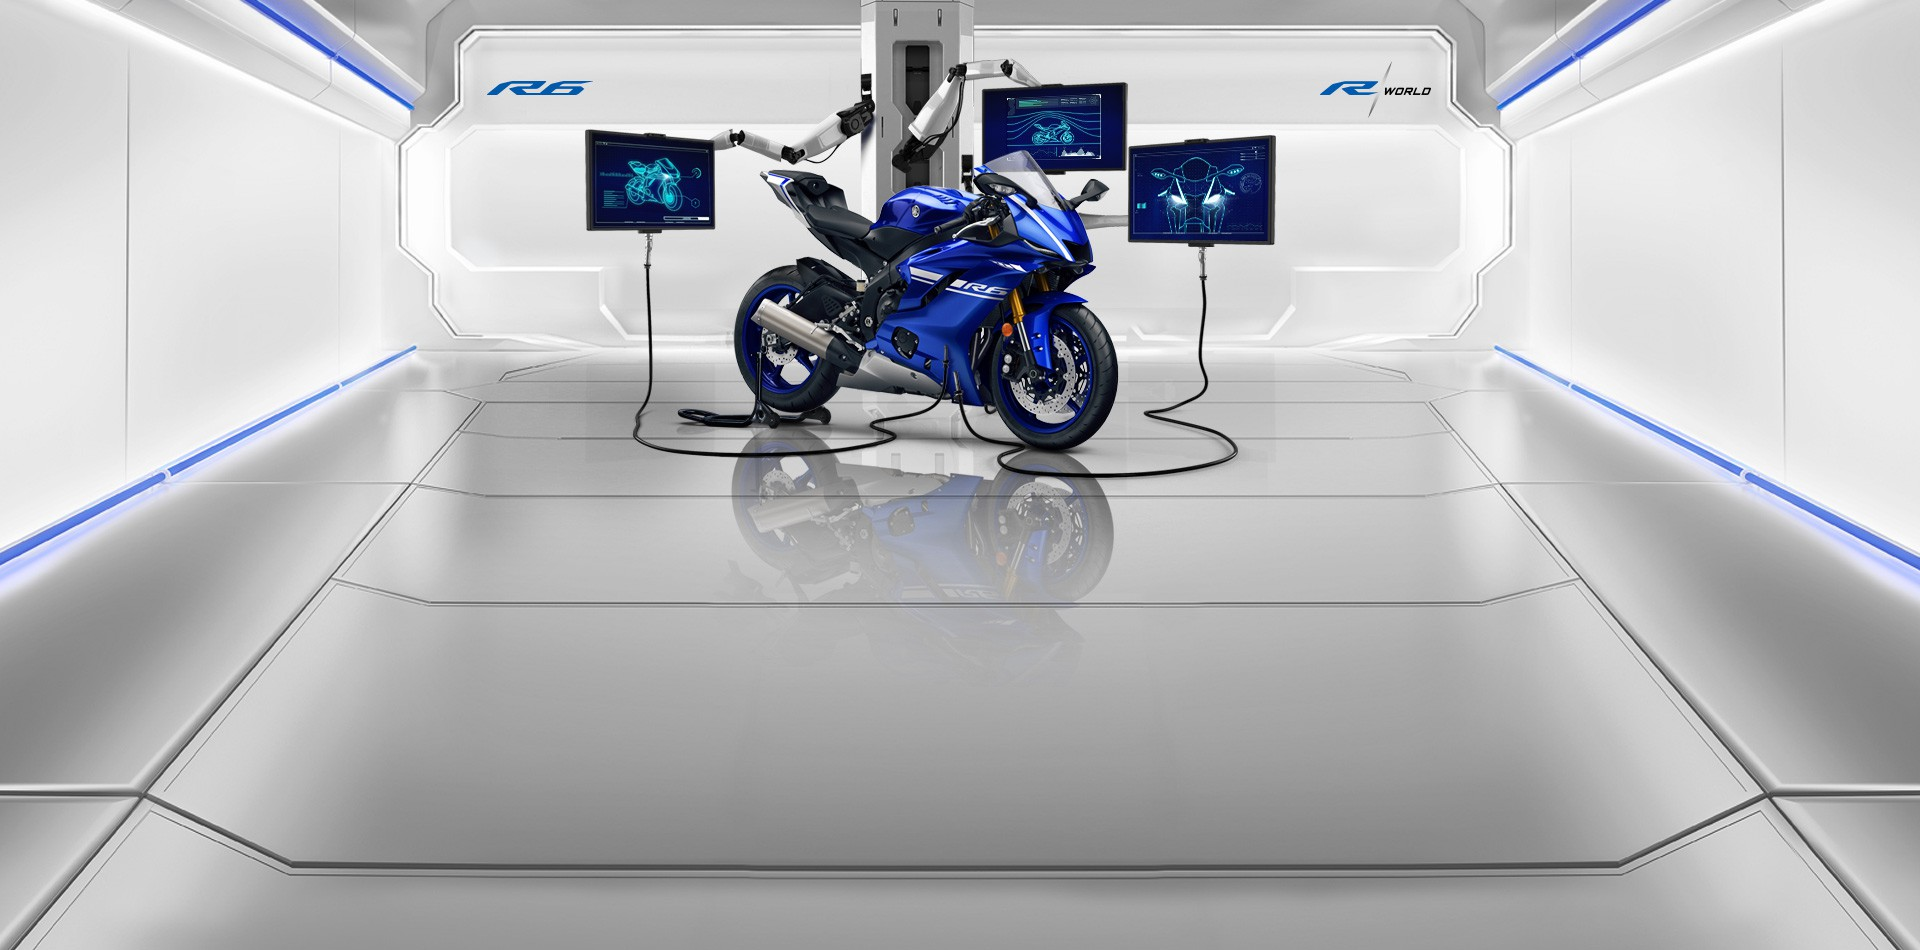 r2 moto est votre concessionnaire yamaha moto et accessoires epernay. Black Bedroom Furniture Sets. Home Design Ideas